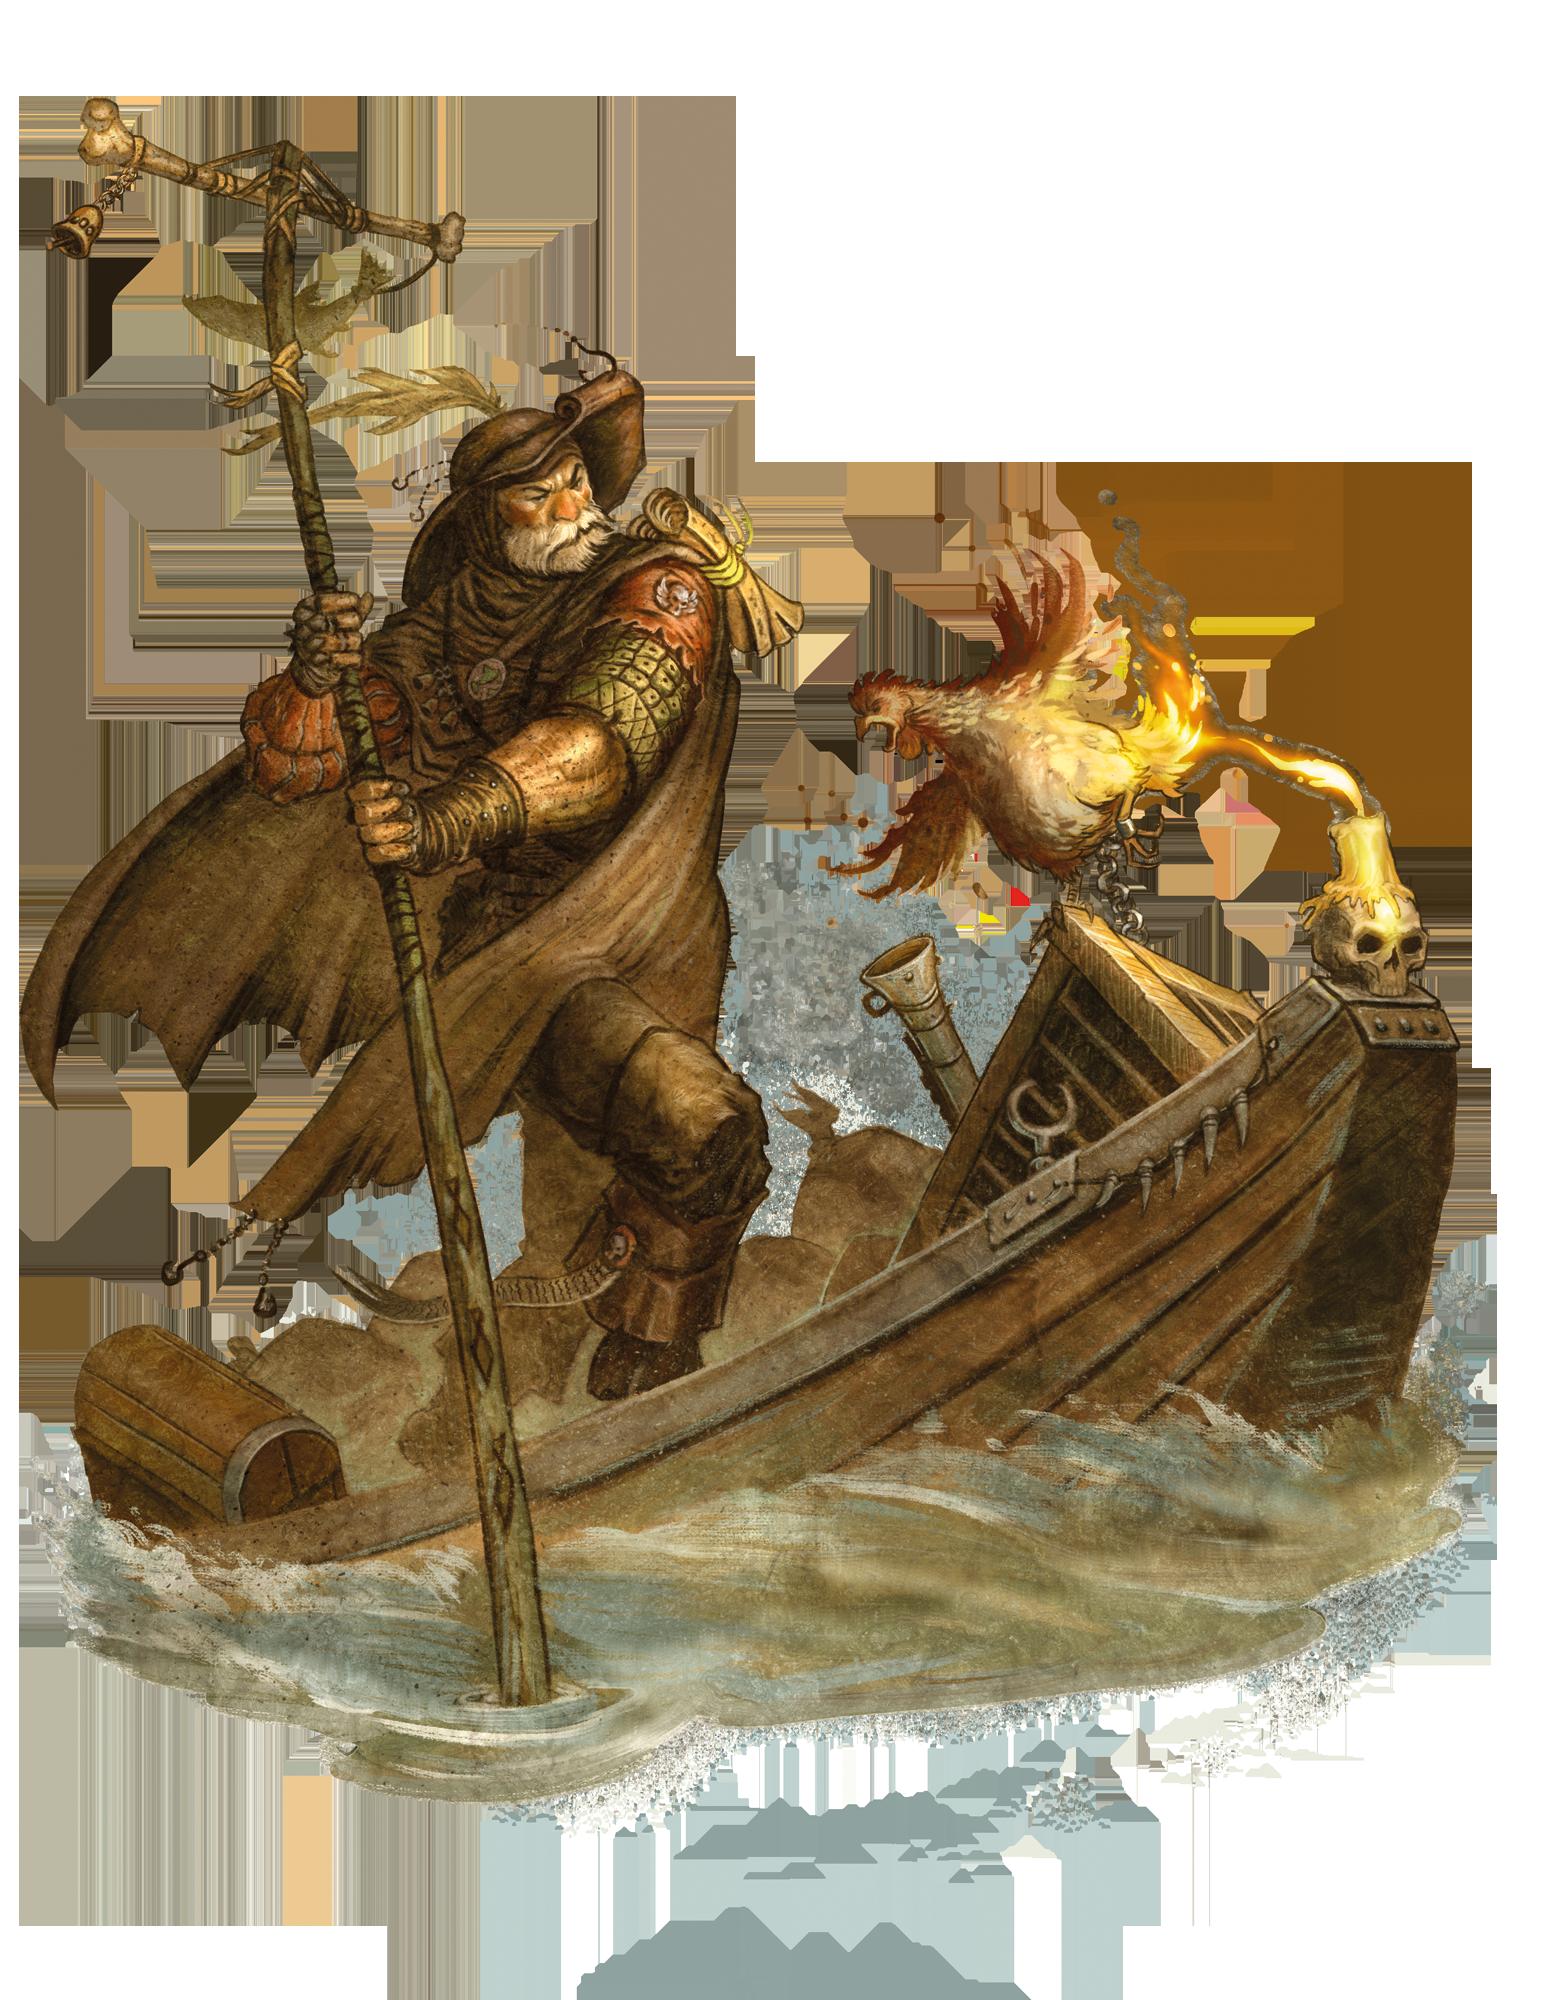 Vorschau: Vierte Edition des Warhammer-Fantasy-Rollenspiels – Würfelsystem